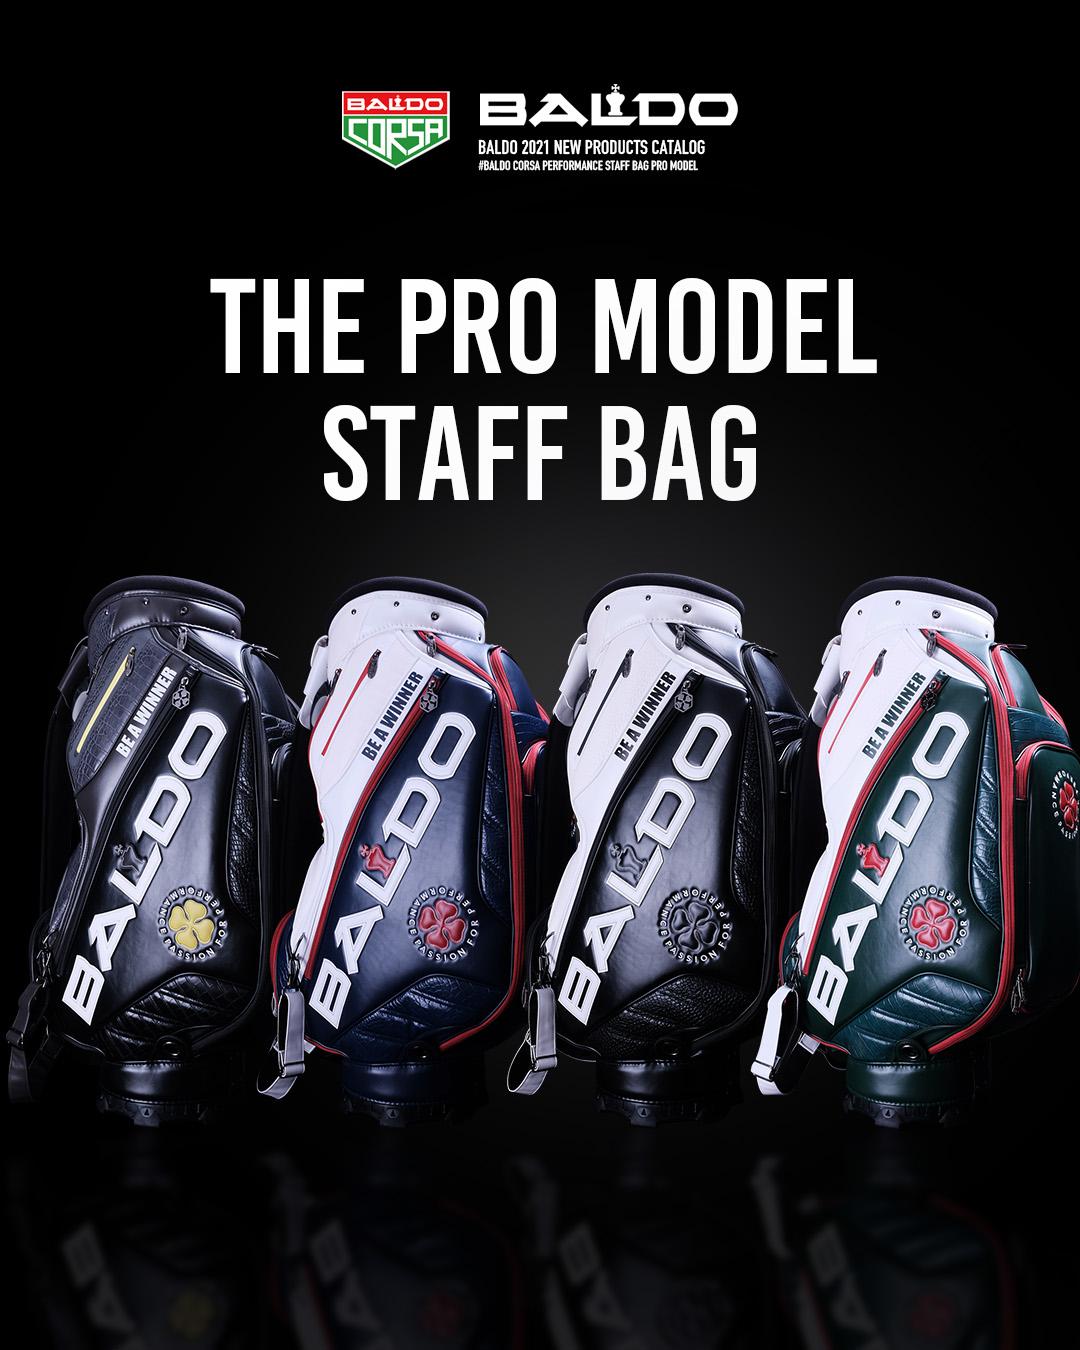 四大メジャー大会をイメージしてデザインした、THE PRO MODEL STAFF BAG